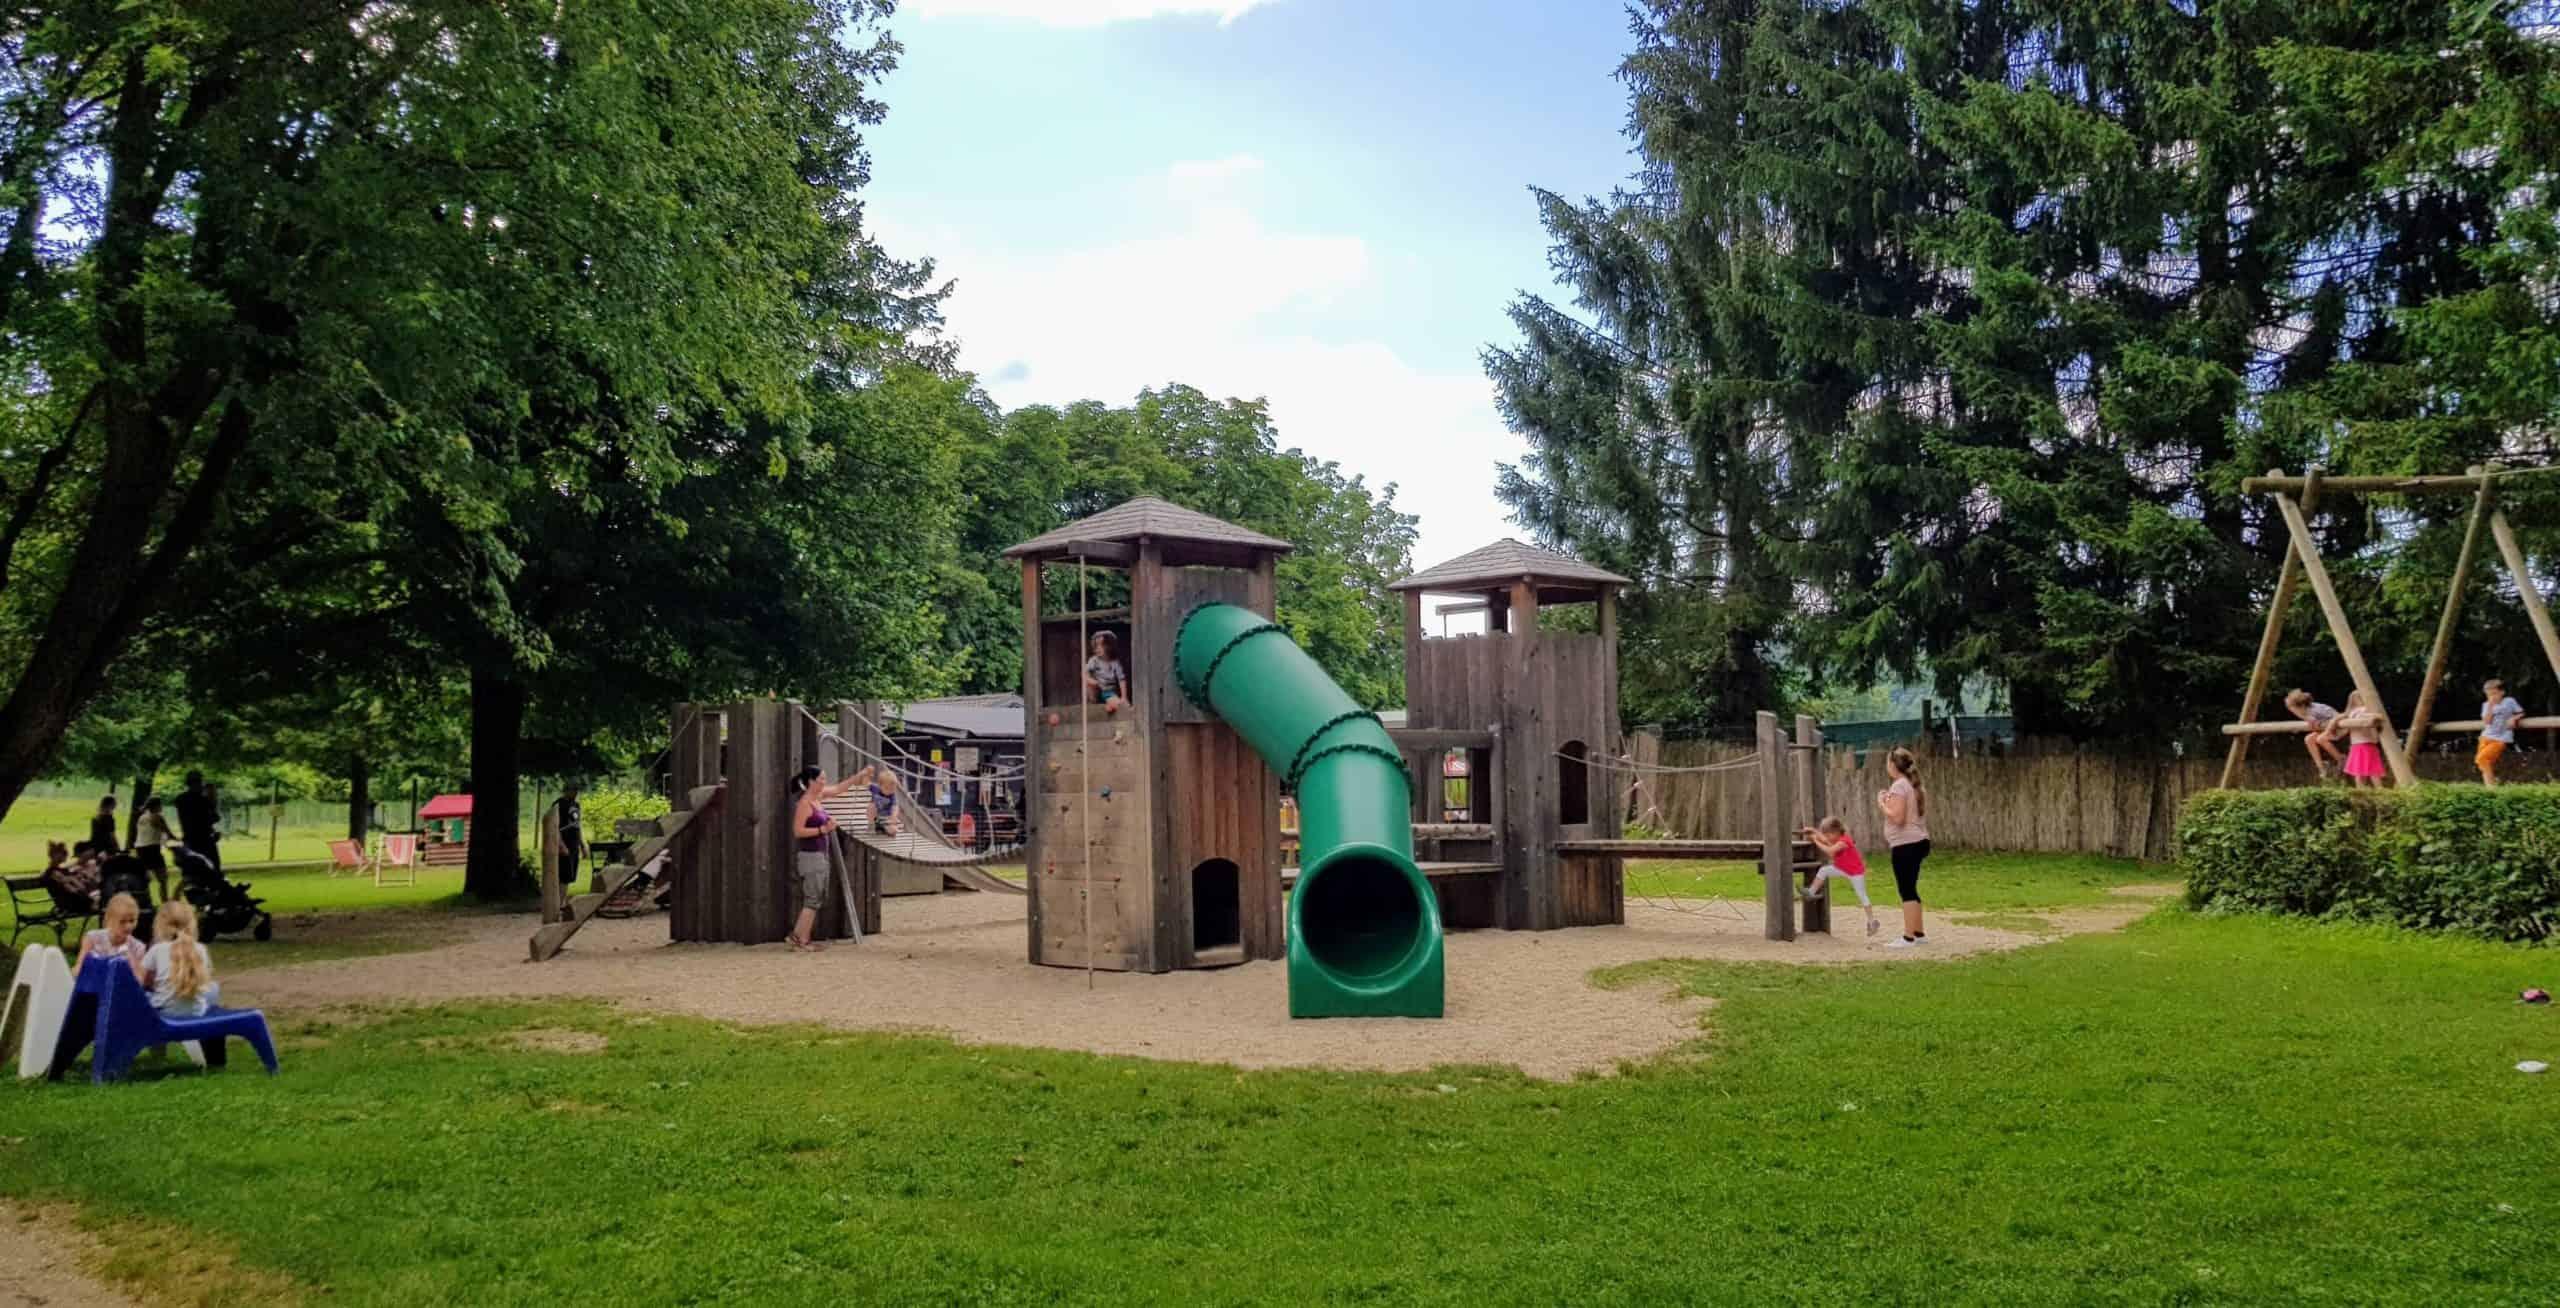 Spielplatz im Freien mit Rutsche und Kletterturm